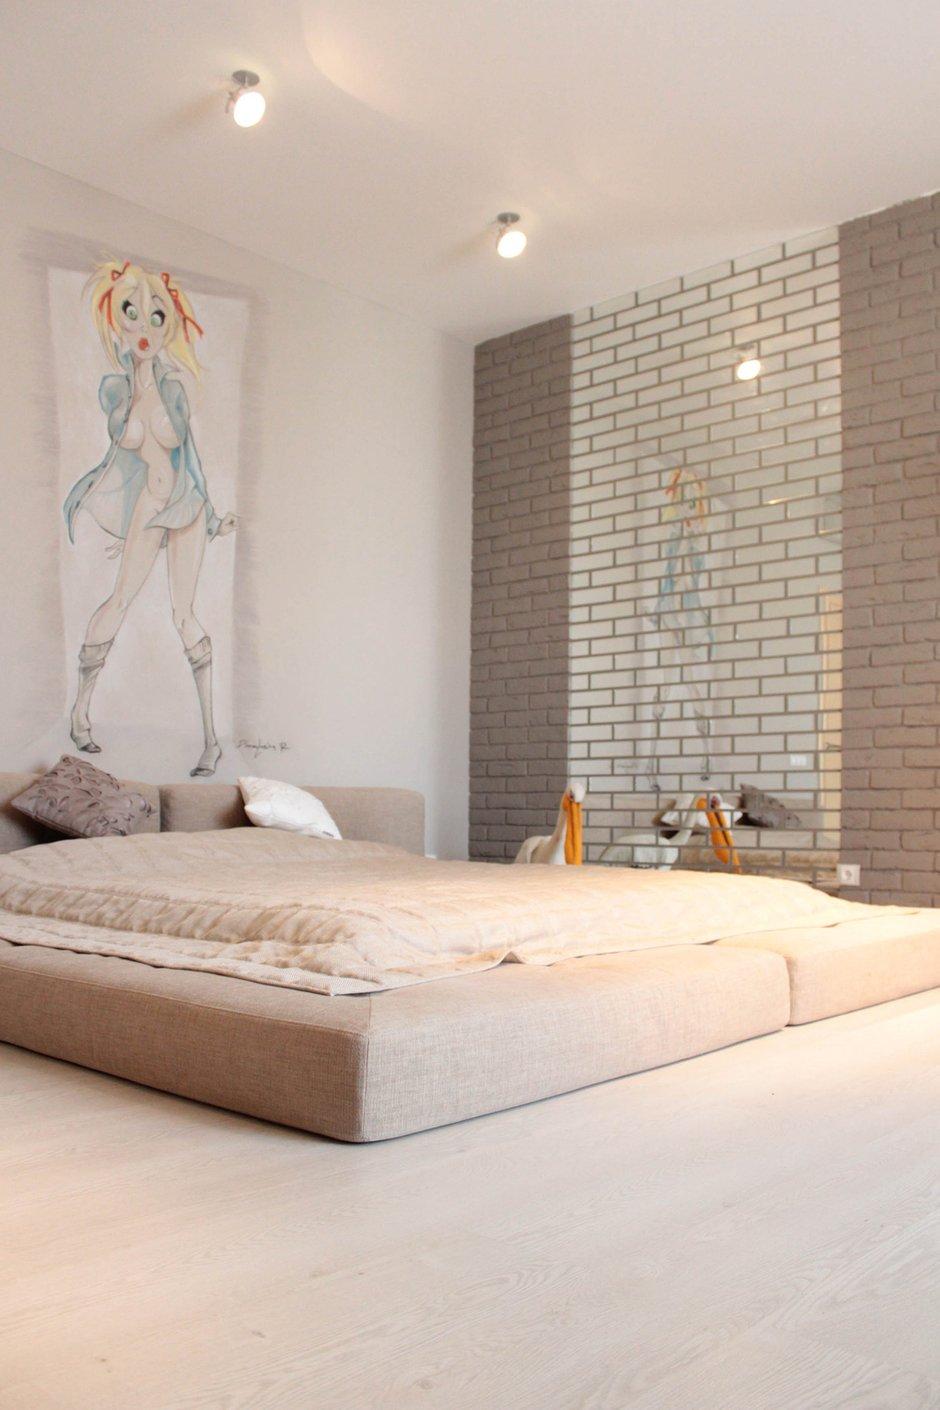 Фотография: Спальня в стиле Лофт, Интерьер комнат, Минимализм, Проект недели, Эко – фото на INMYROOM